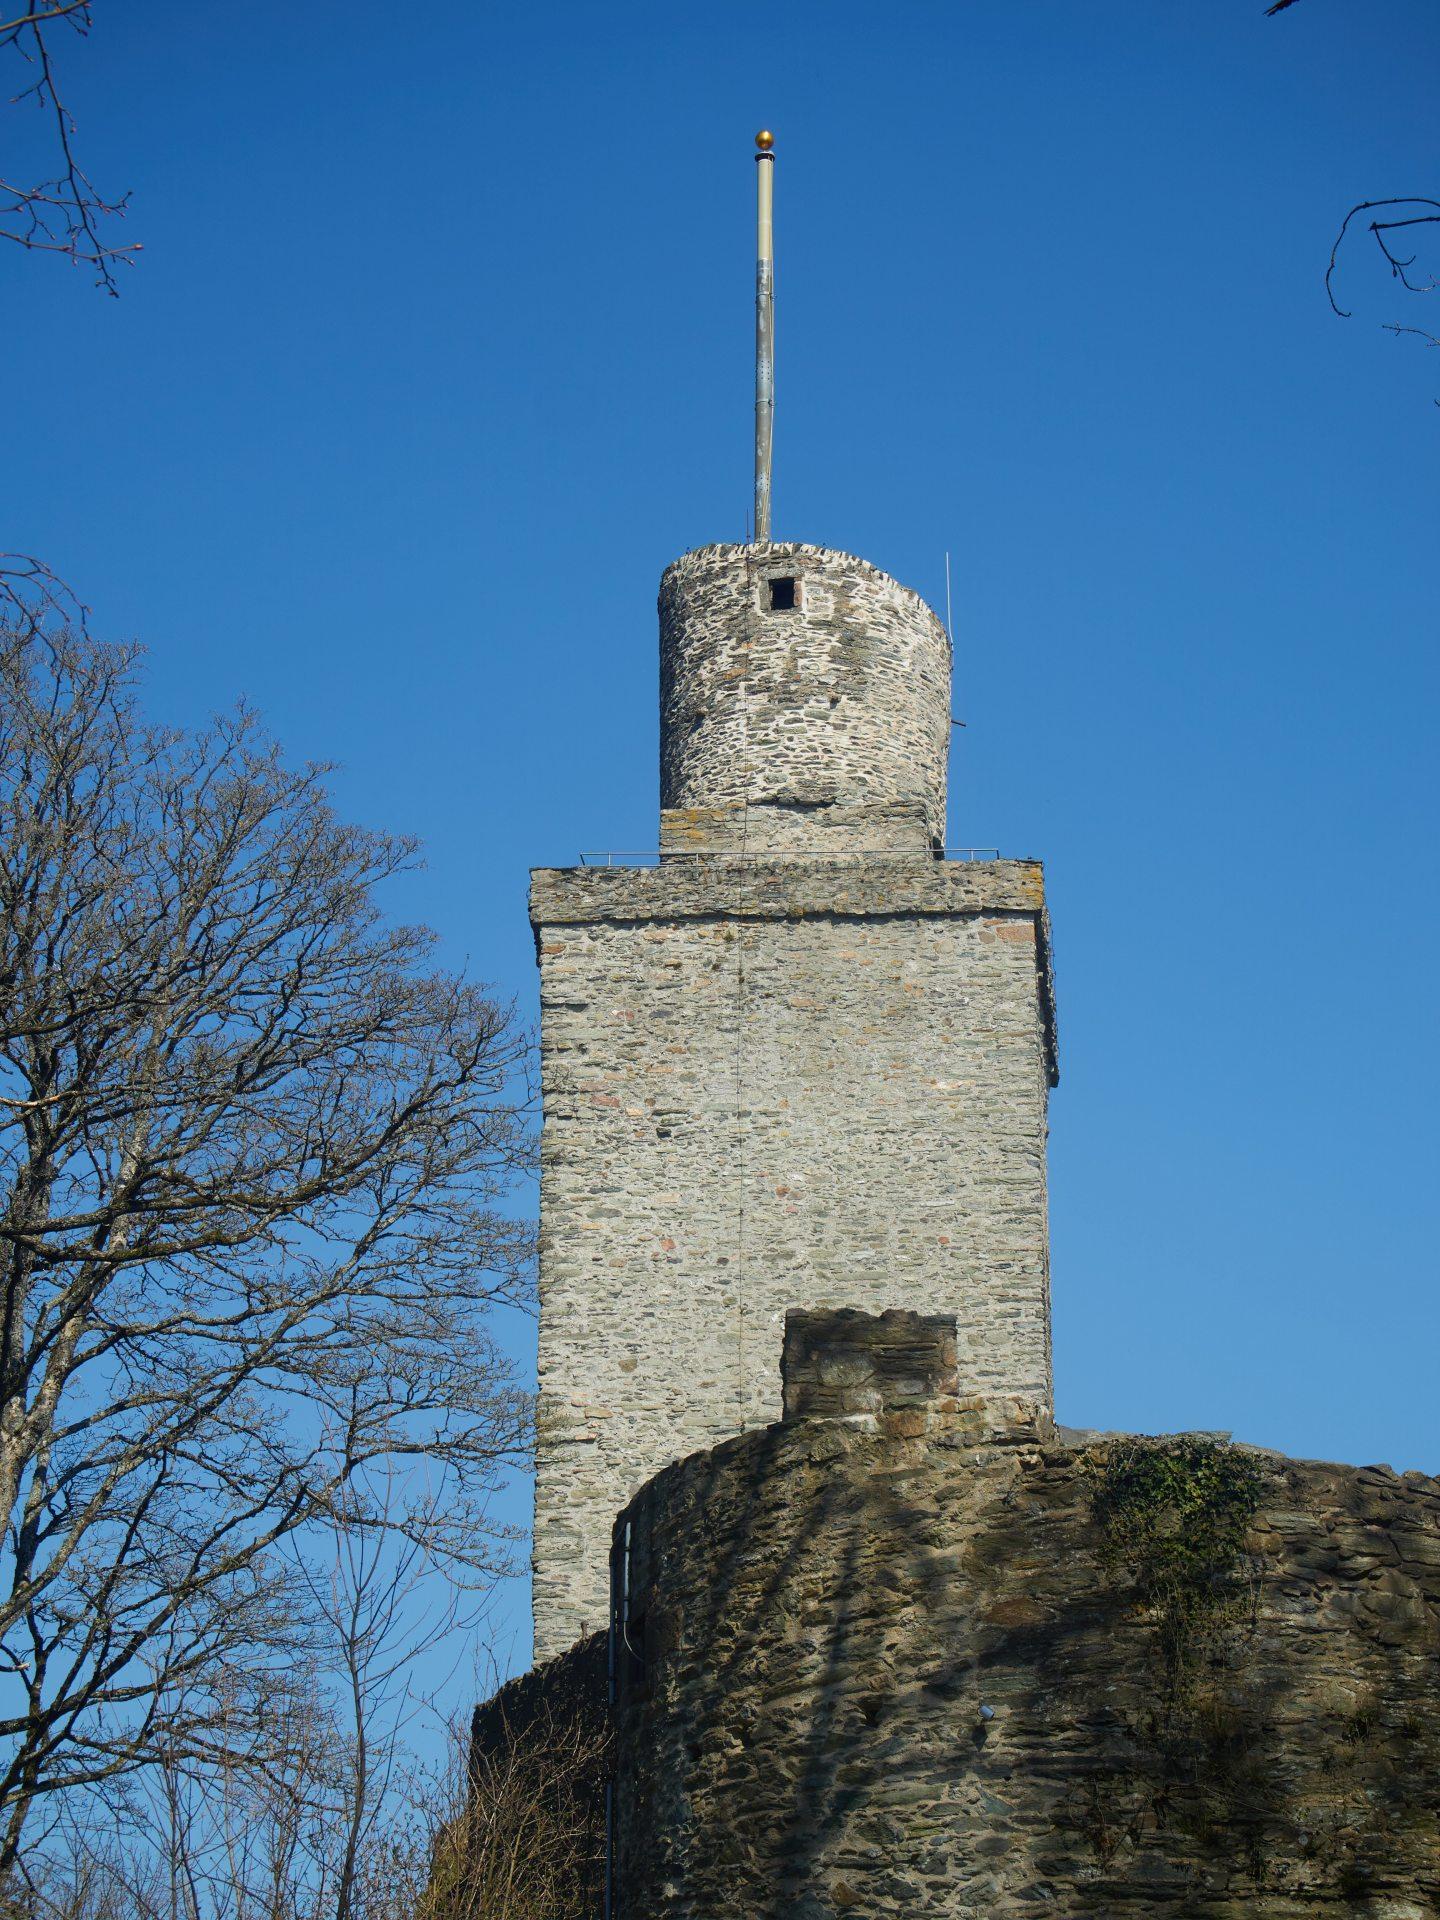 Der mächtige Bergfried - der heutzutage leider meistens geschlossen ist. Ich erinnere mich aus Kindertagen auch noch an einen recht wackeligen Aufstieg.